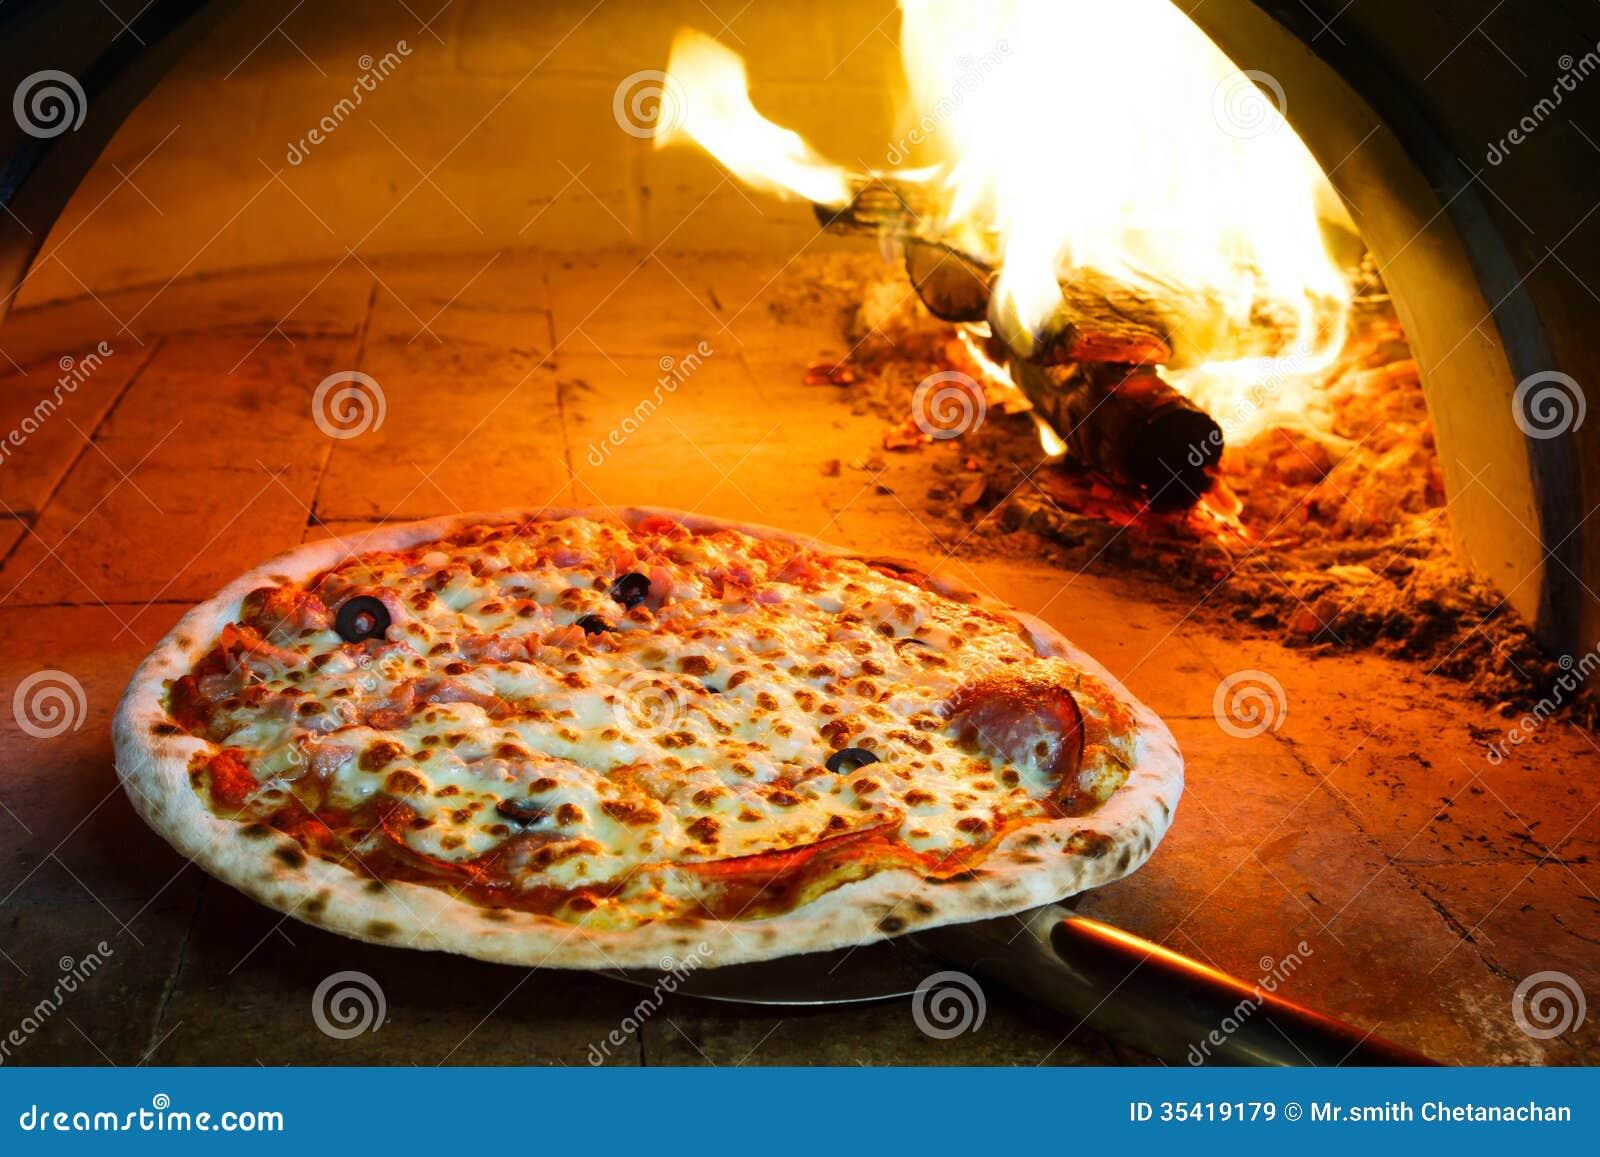 pizza do forno da lenha imagens de stock royalty free imagem 35419179. Black Bedroom Furniture Sets. Home Design Ideas